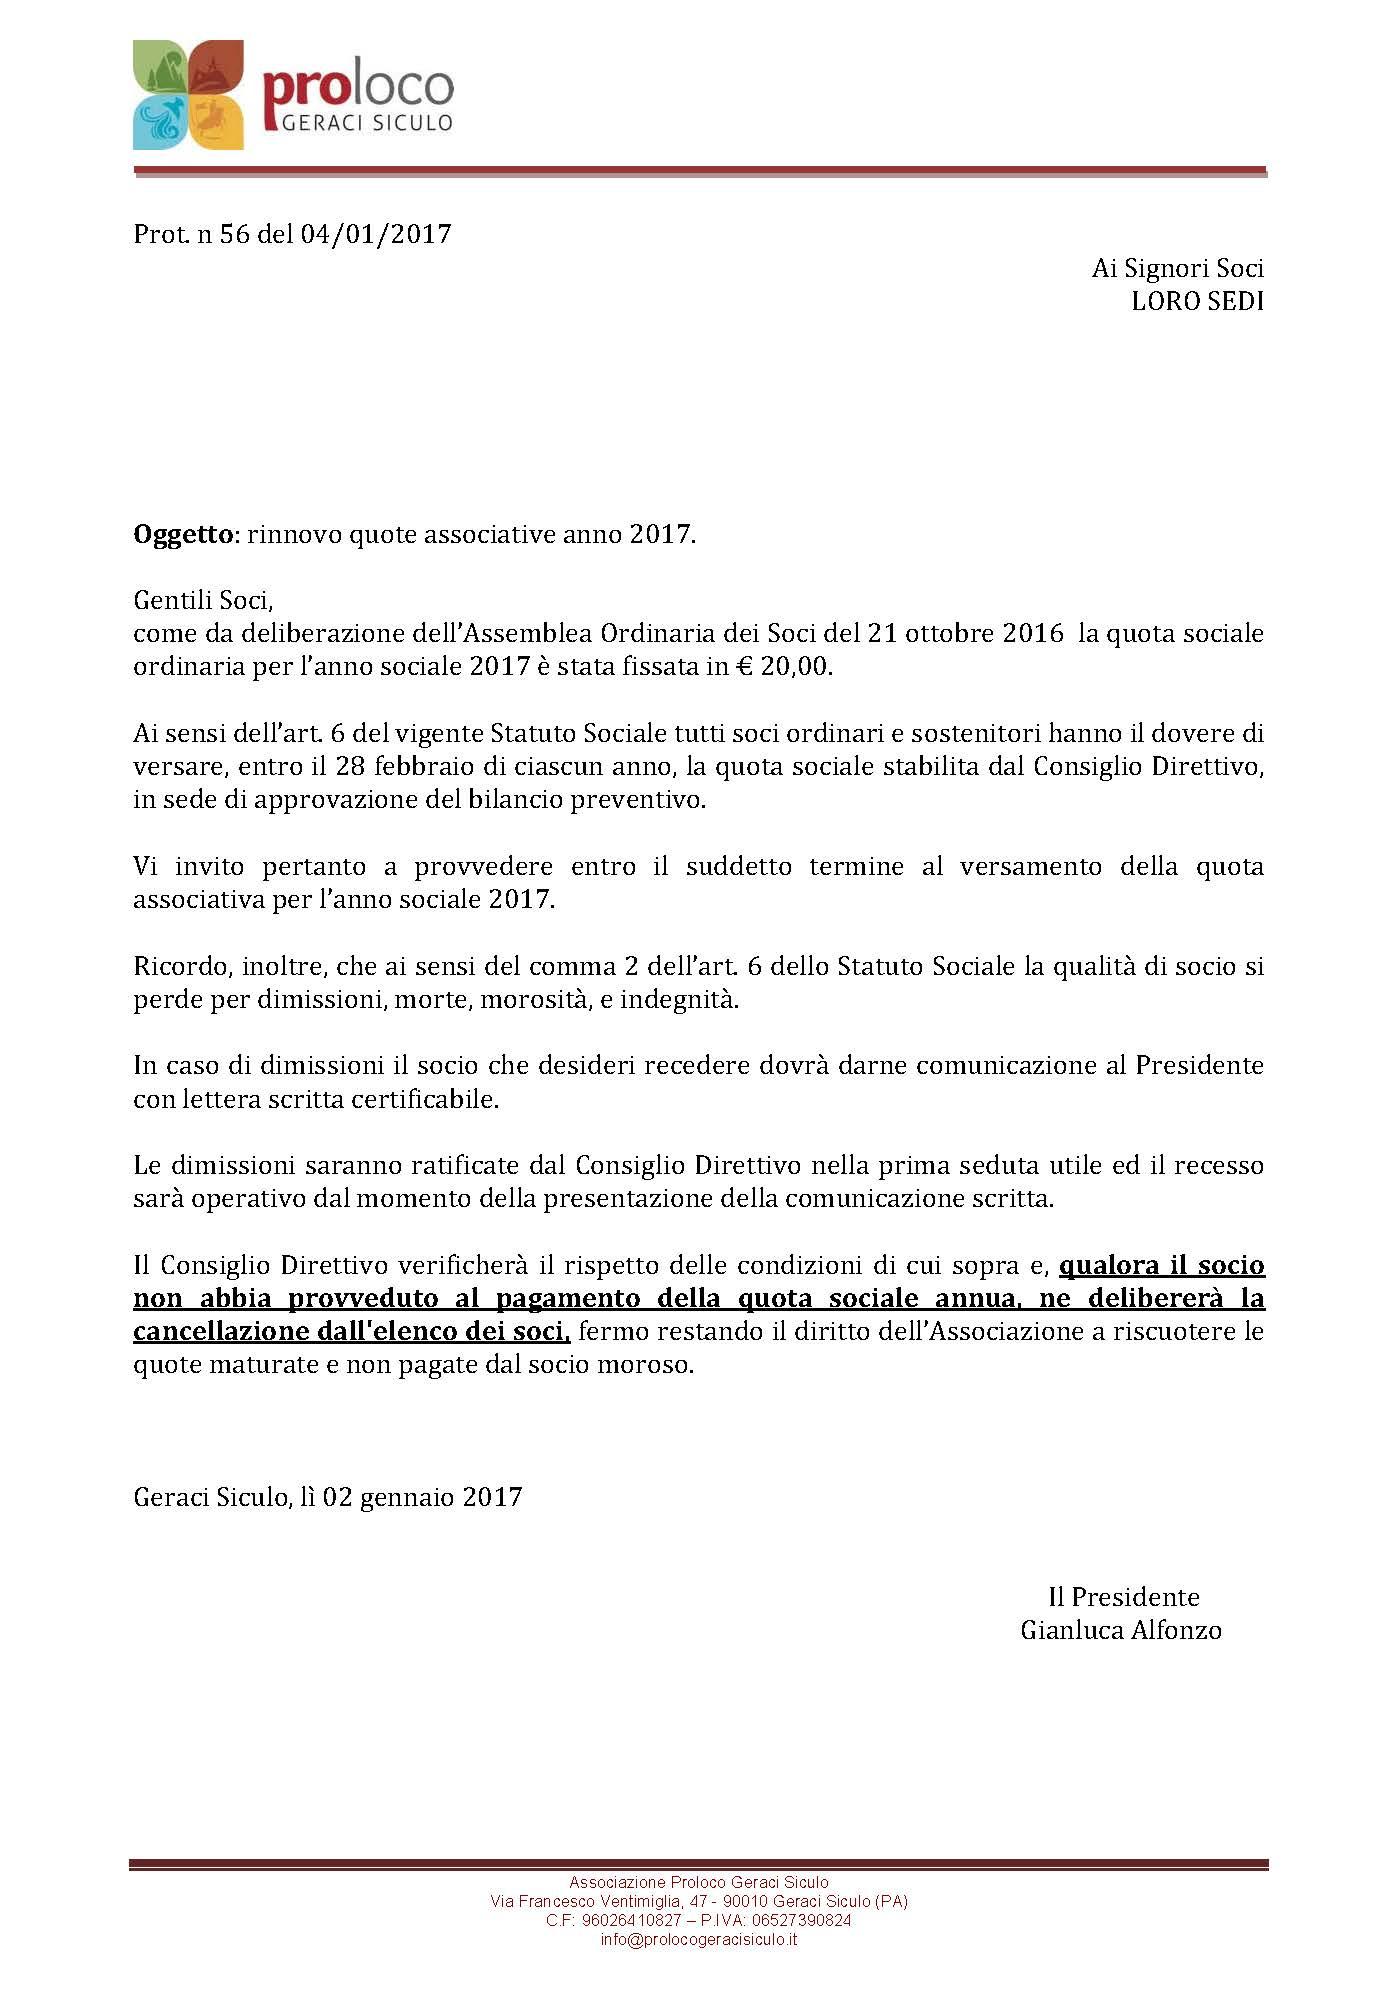 pro_loco_geraci_avviso_tesseramento_anno_2017